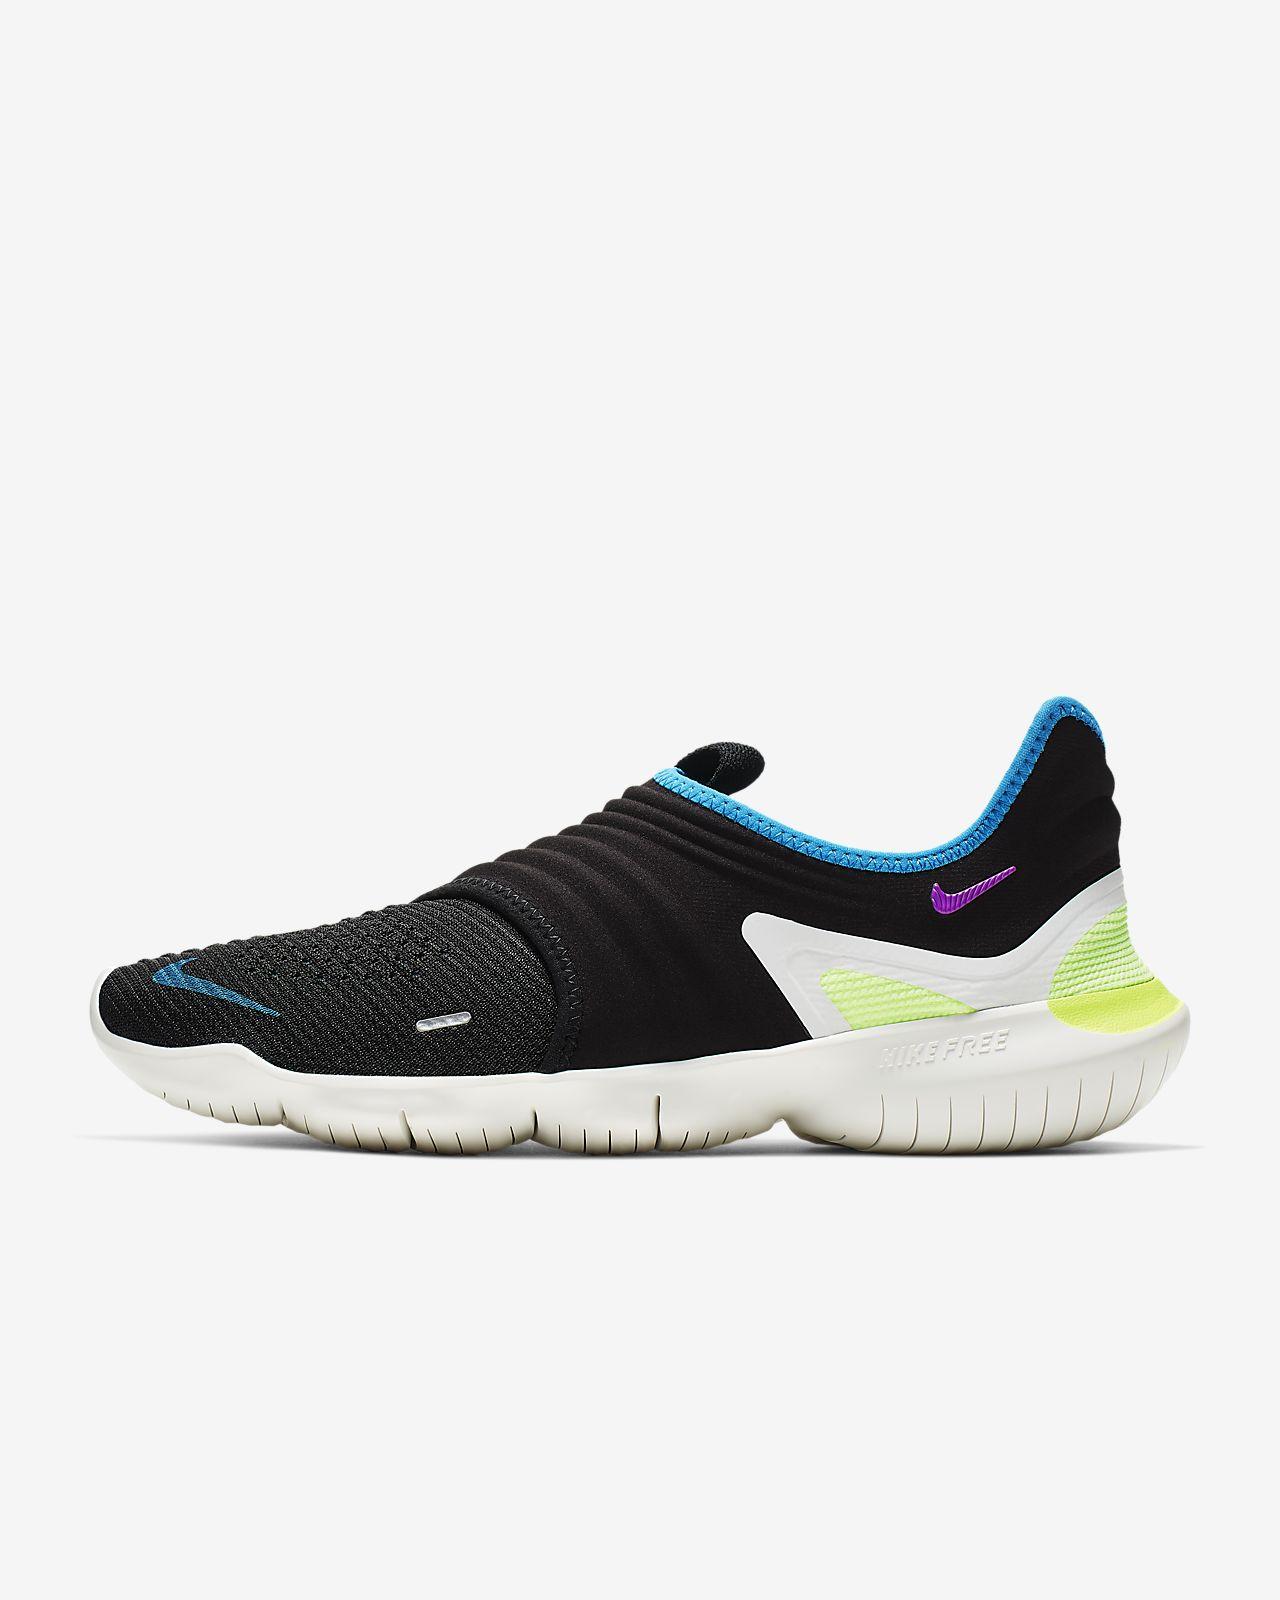 fe8978637b53f Nike Free RN Flyknit 3.0 Men s Running Shoe. Nike.com NO